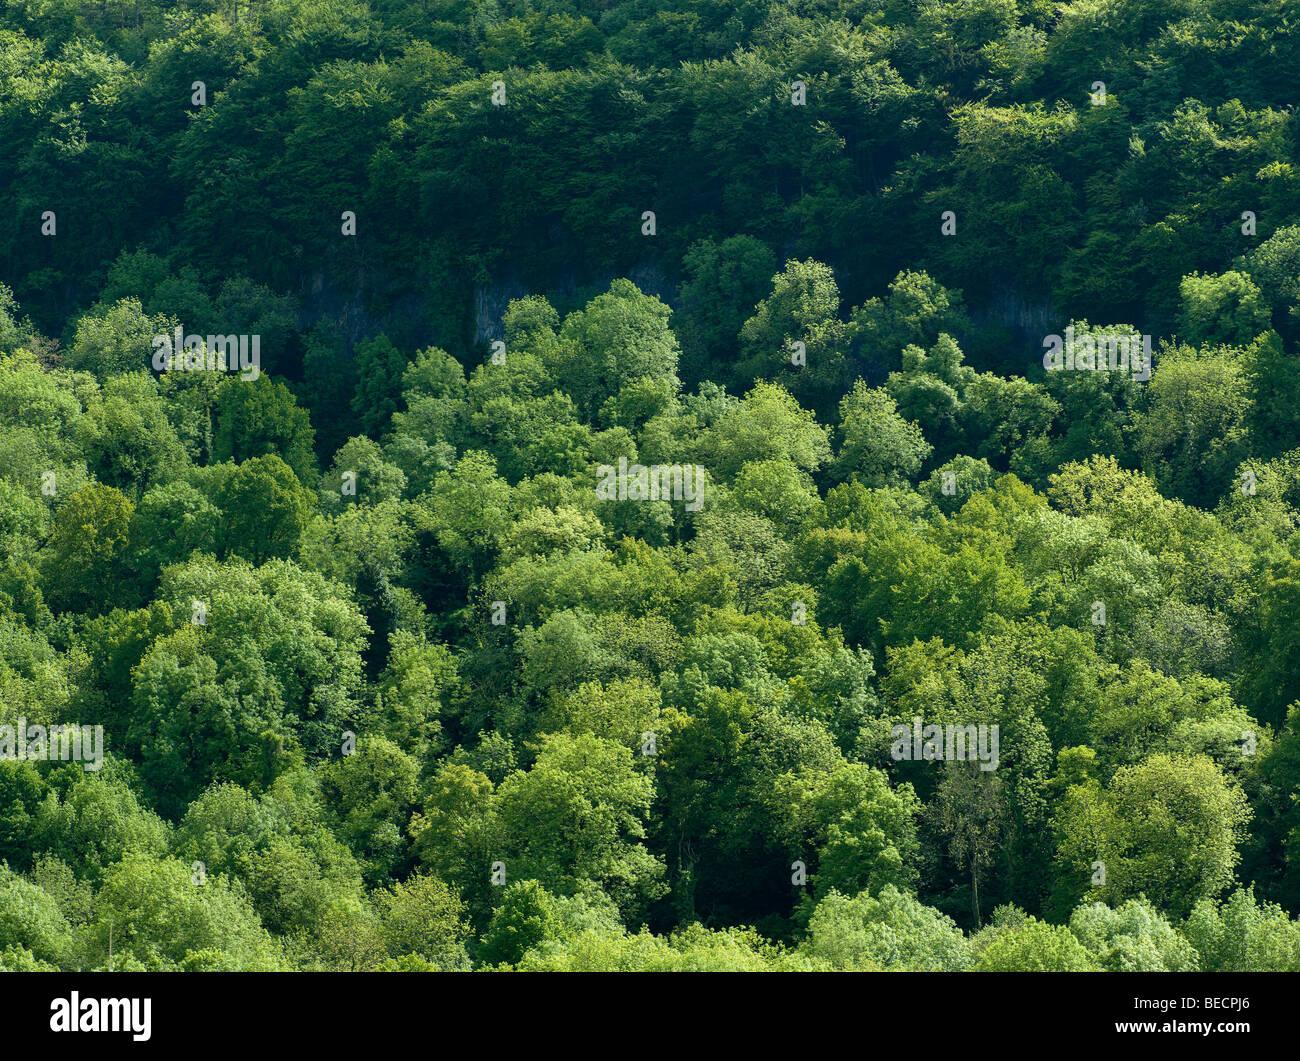 Sur les arbres de la rivière Wye, vallée de la Wye, Gloucestershire Englans. Photo Stock